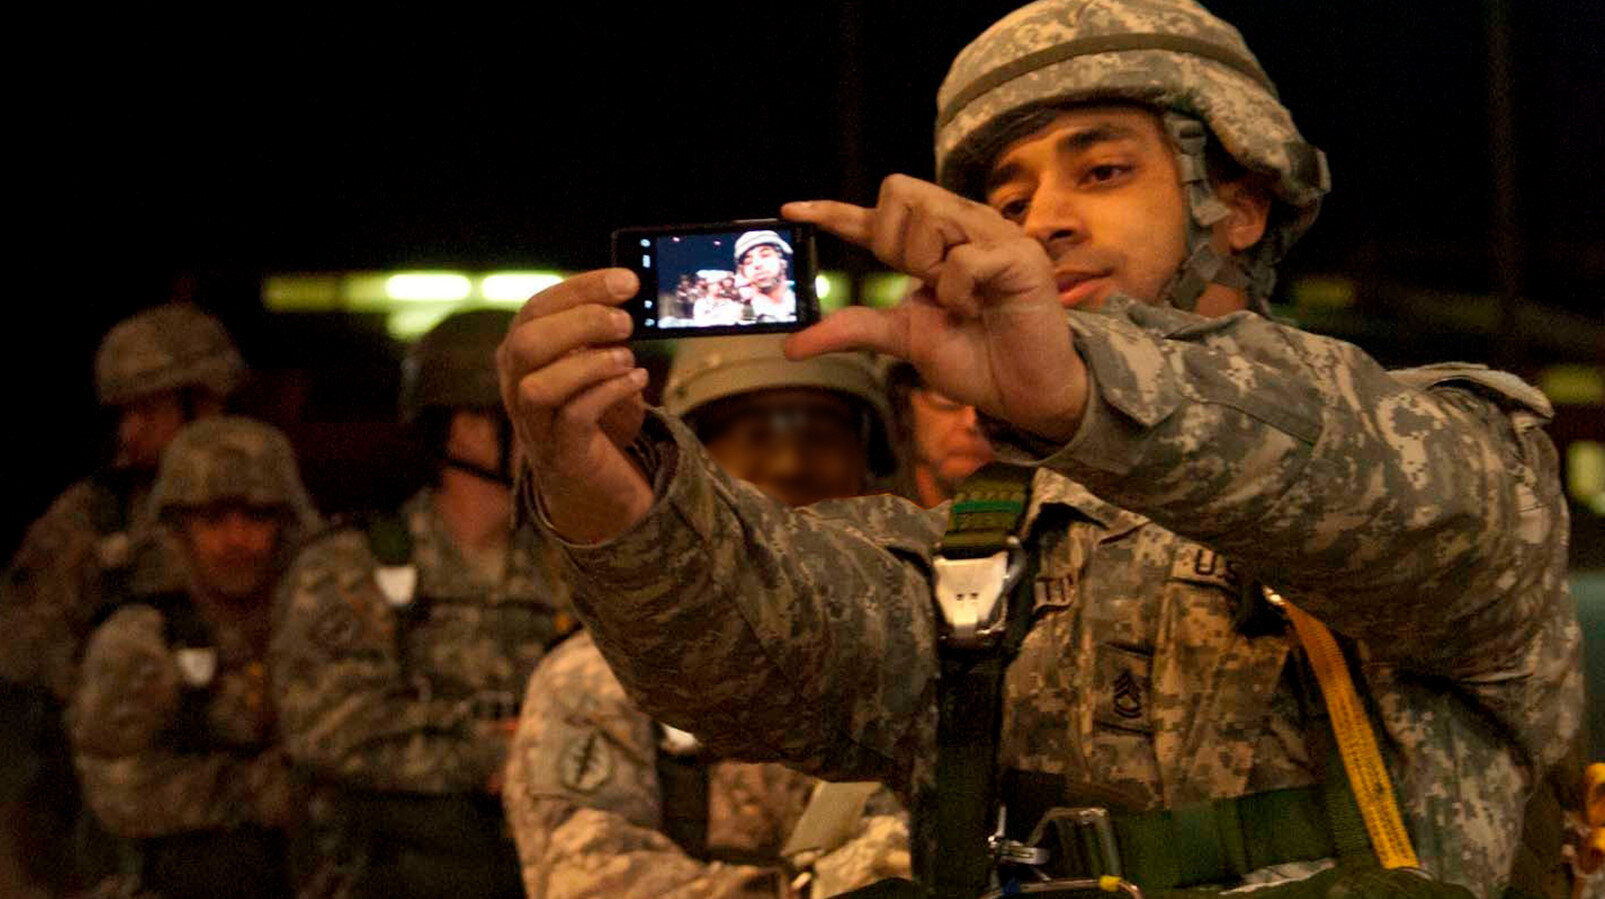 Ordu mensubu isimlerin çektiği fotoğrafları sosyal medyadan paylaşması farklı sorunları da beraberinde getirdi.